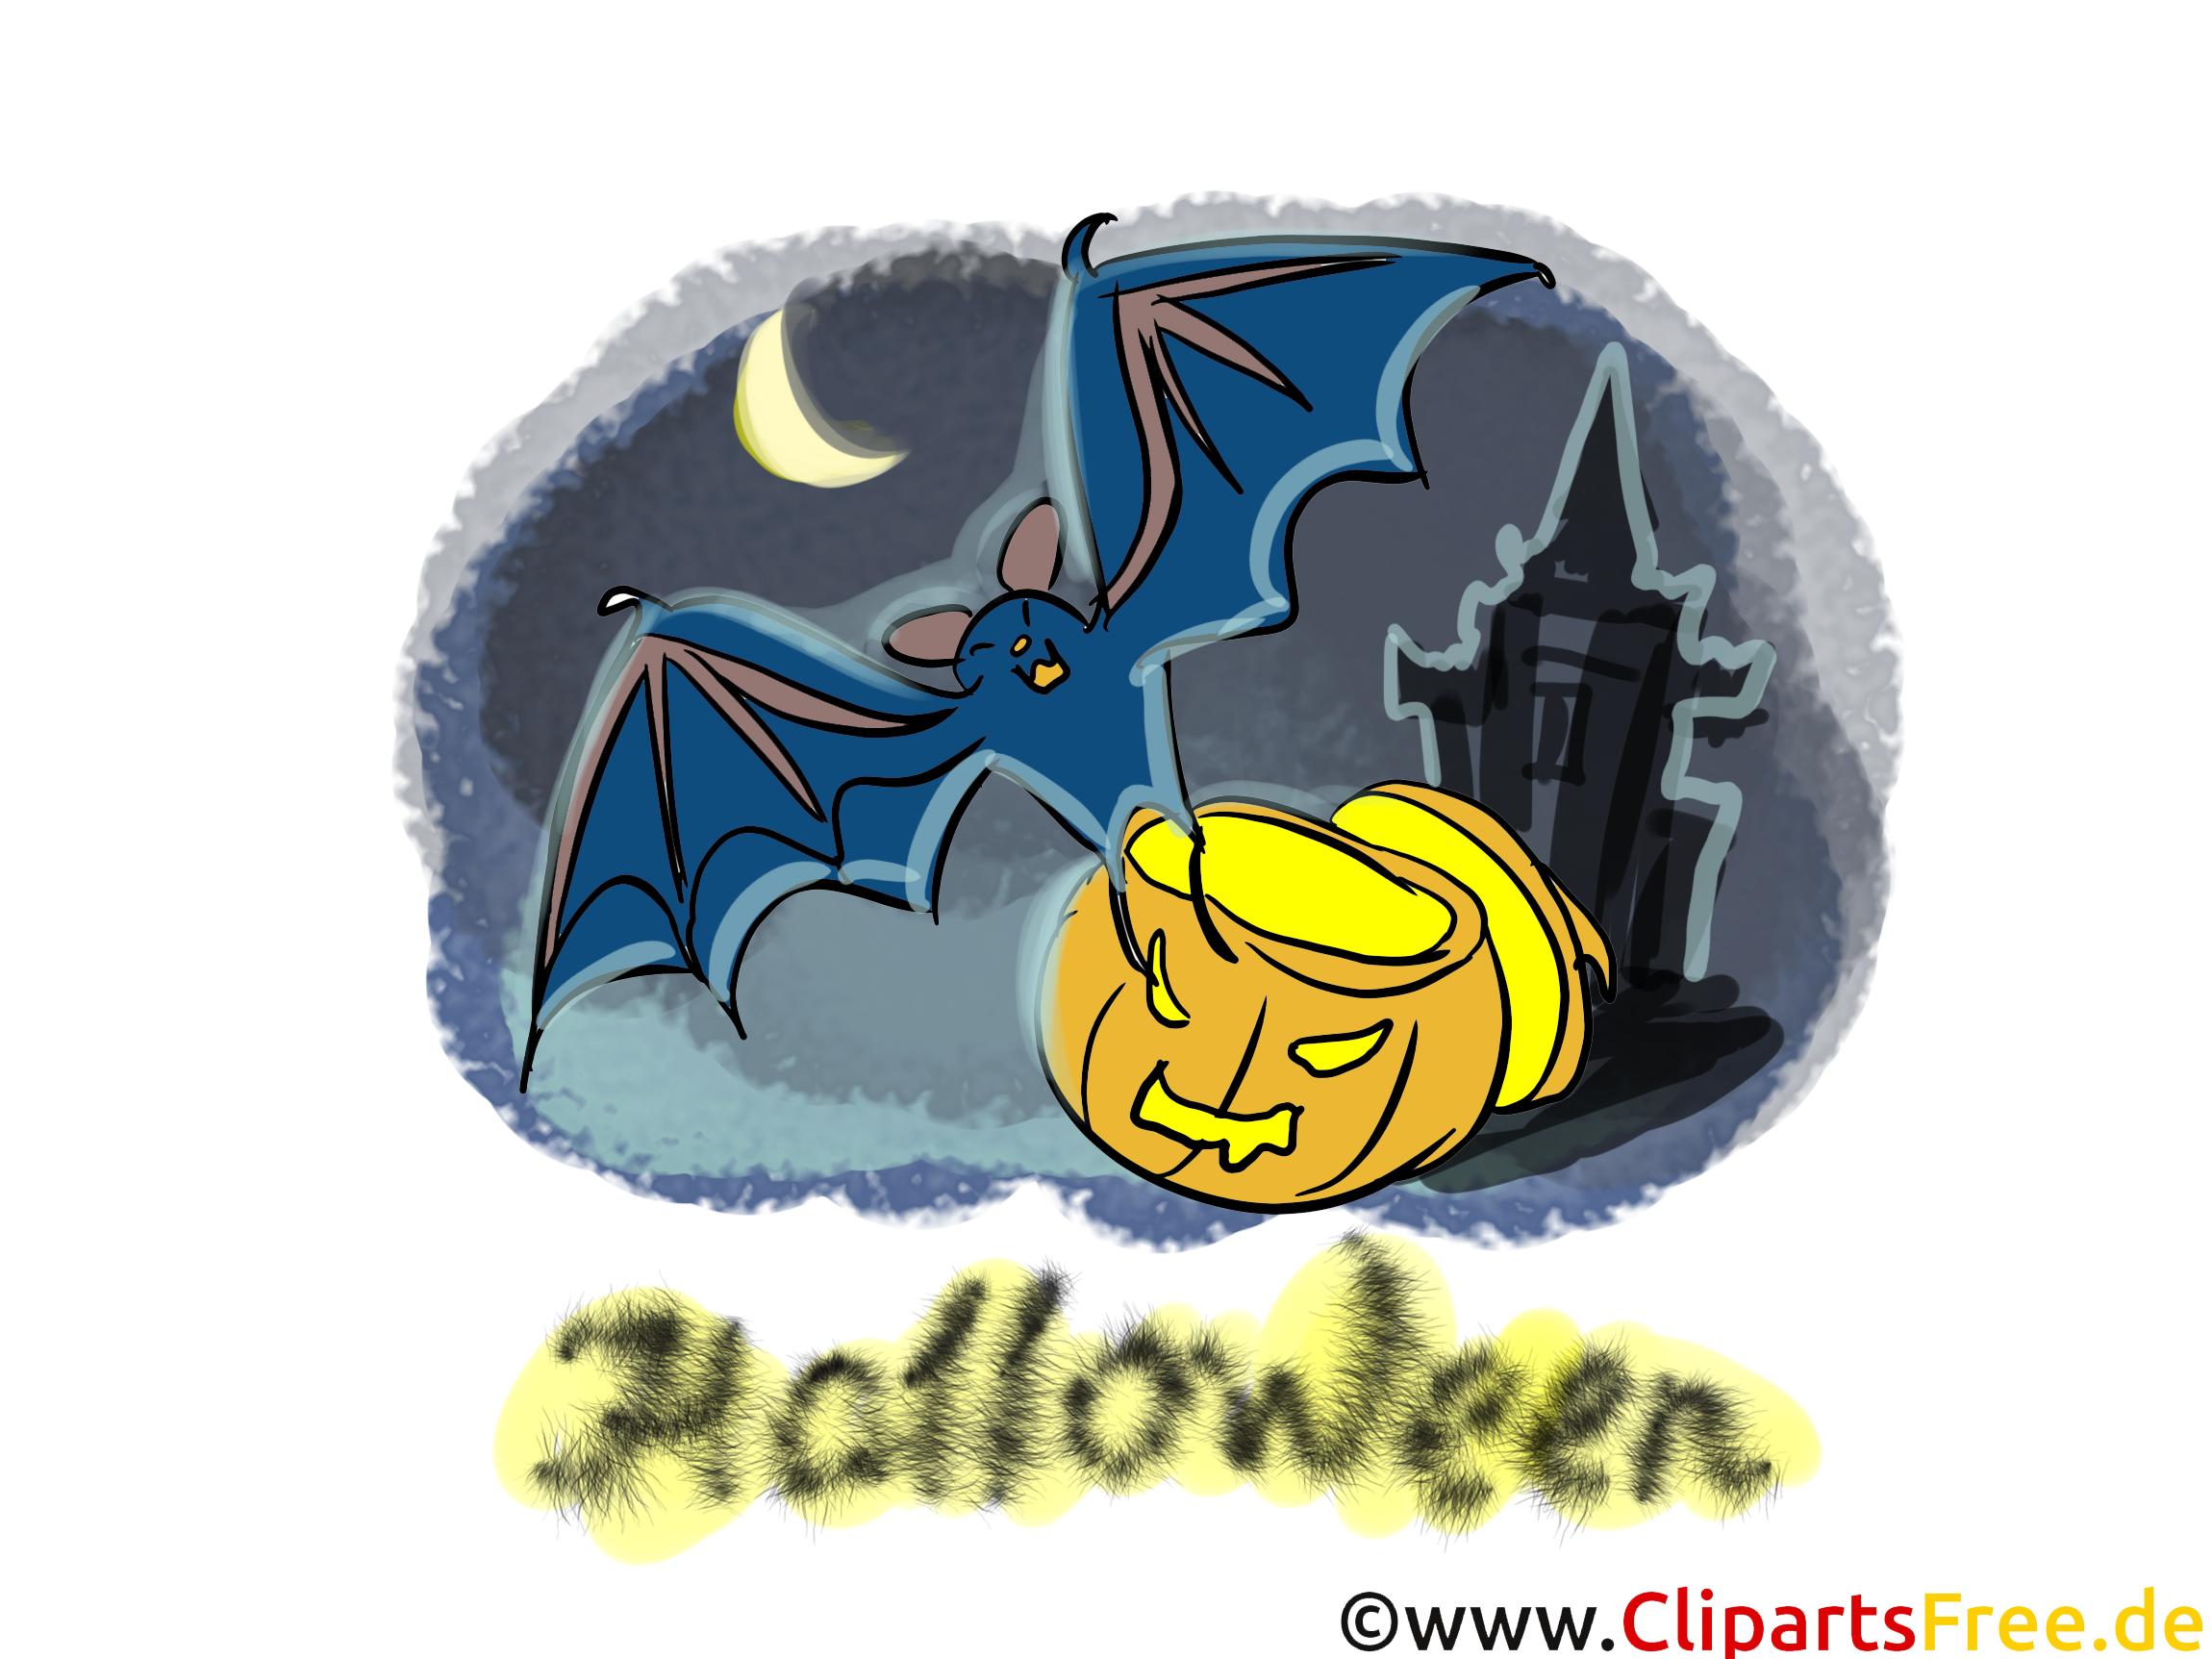 Fledermaus zu Halloween - Cliparts, Bilder, Grusskarten, Vorlagen ...